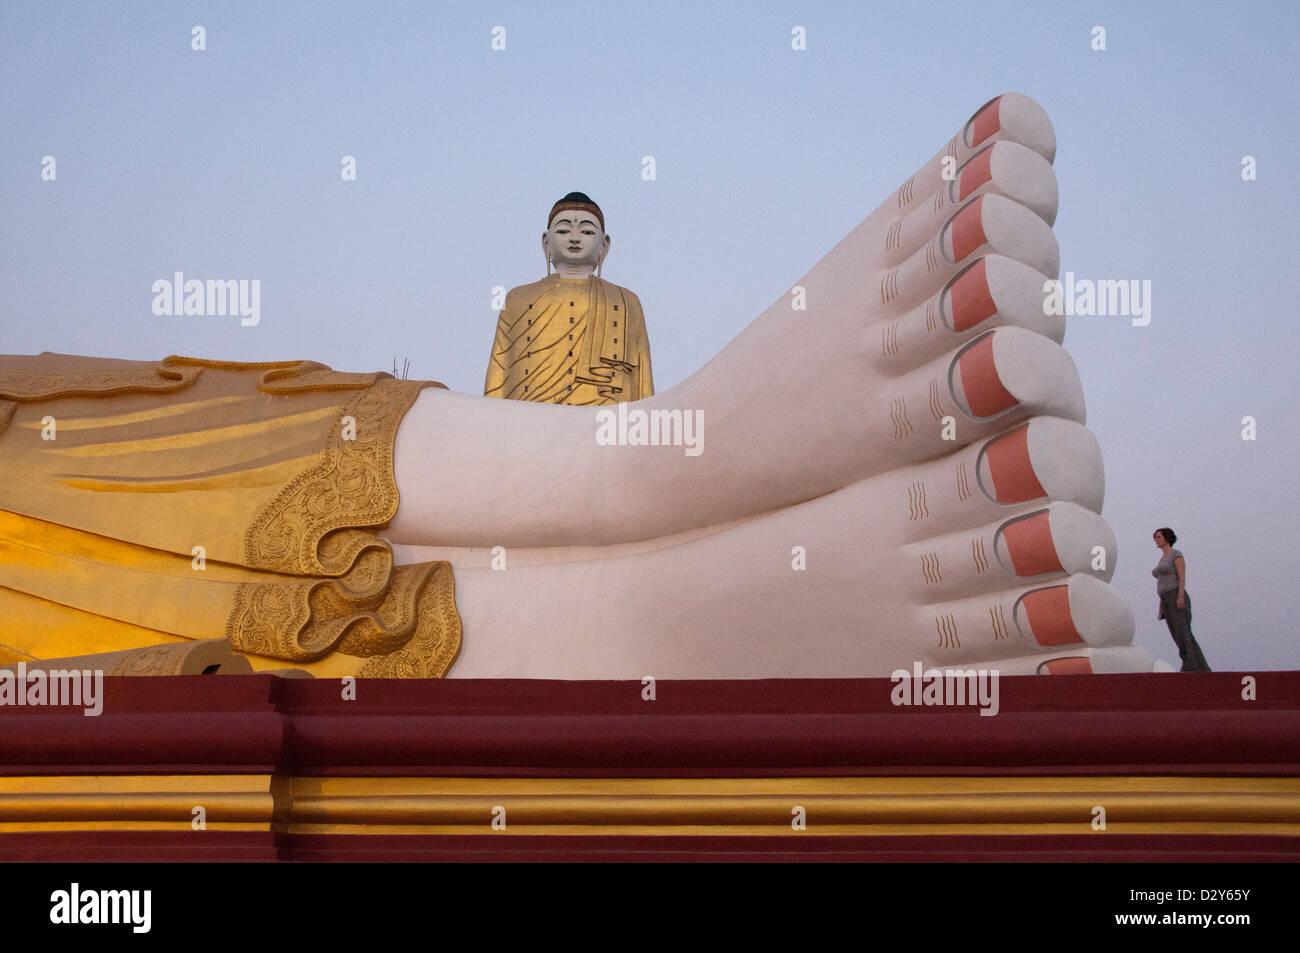 Piedi di enorme Buddha reclinato con Bodhi Tataung, una gigantesca statua di Budda dietro. Monywa, Myanmar (Birmania) Immagini Stock